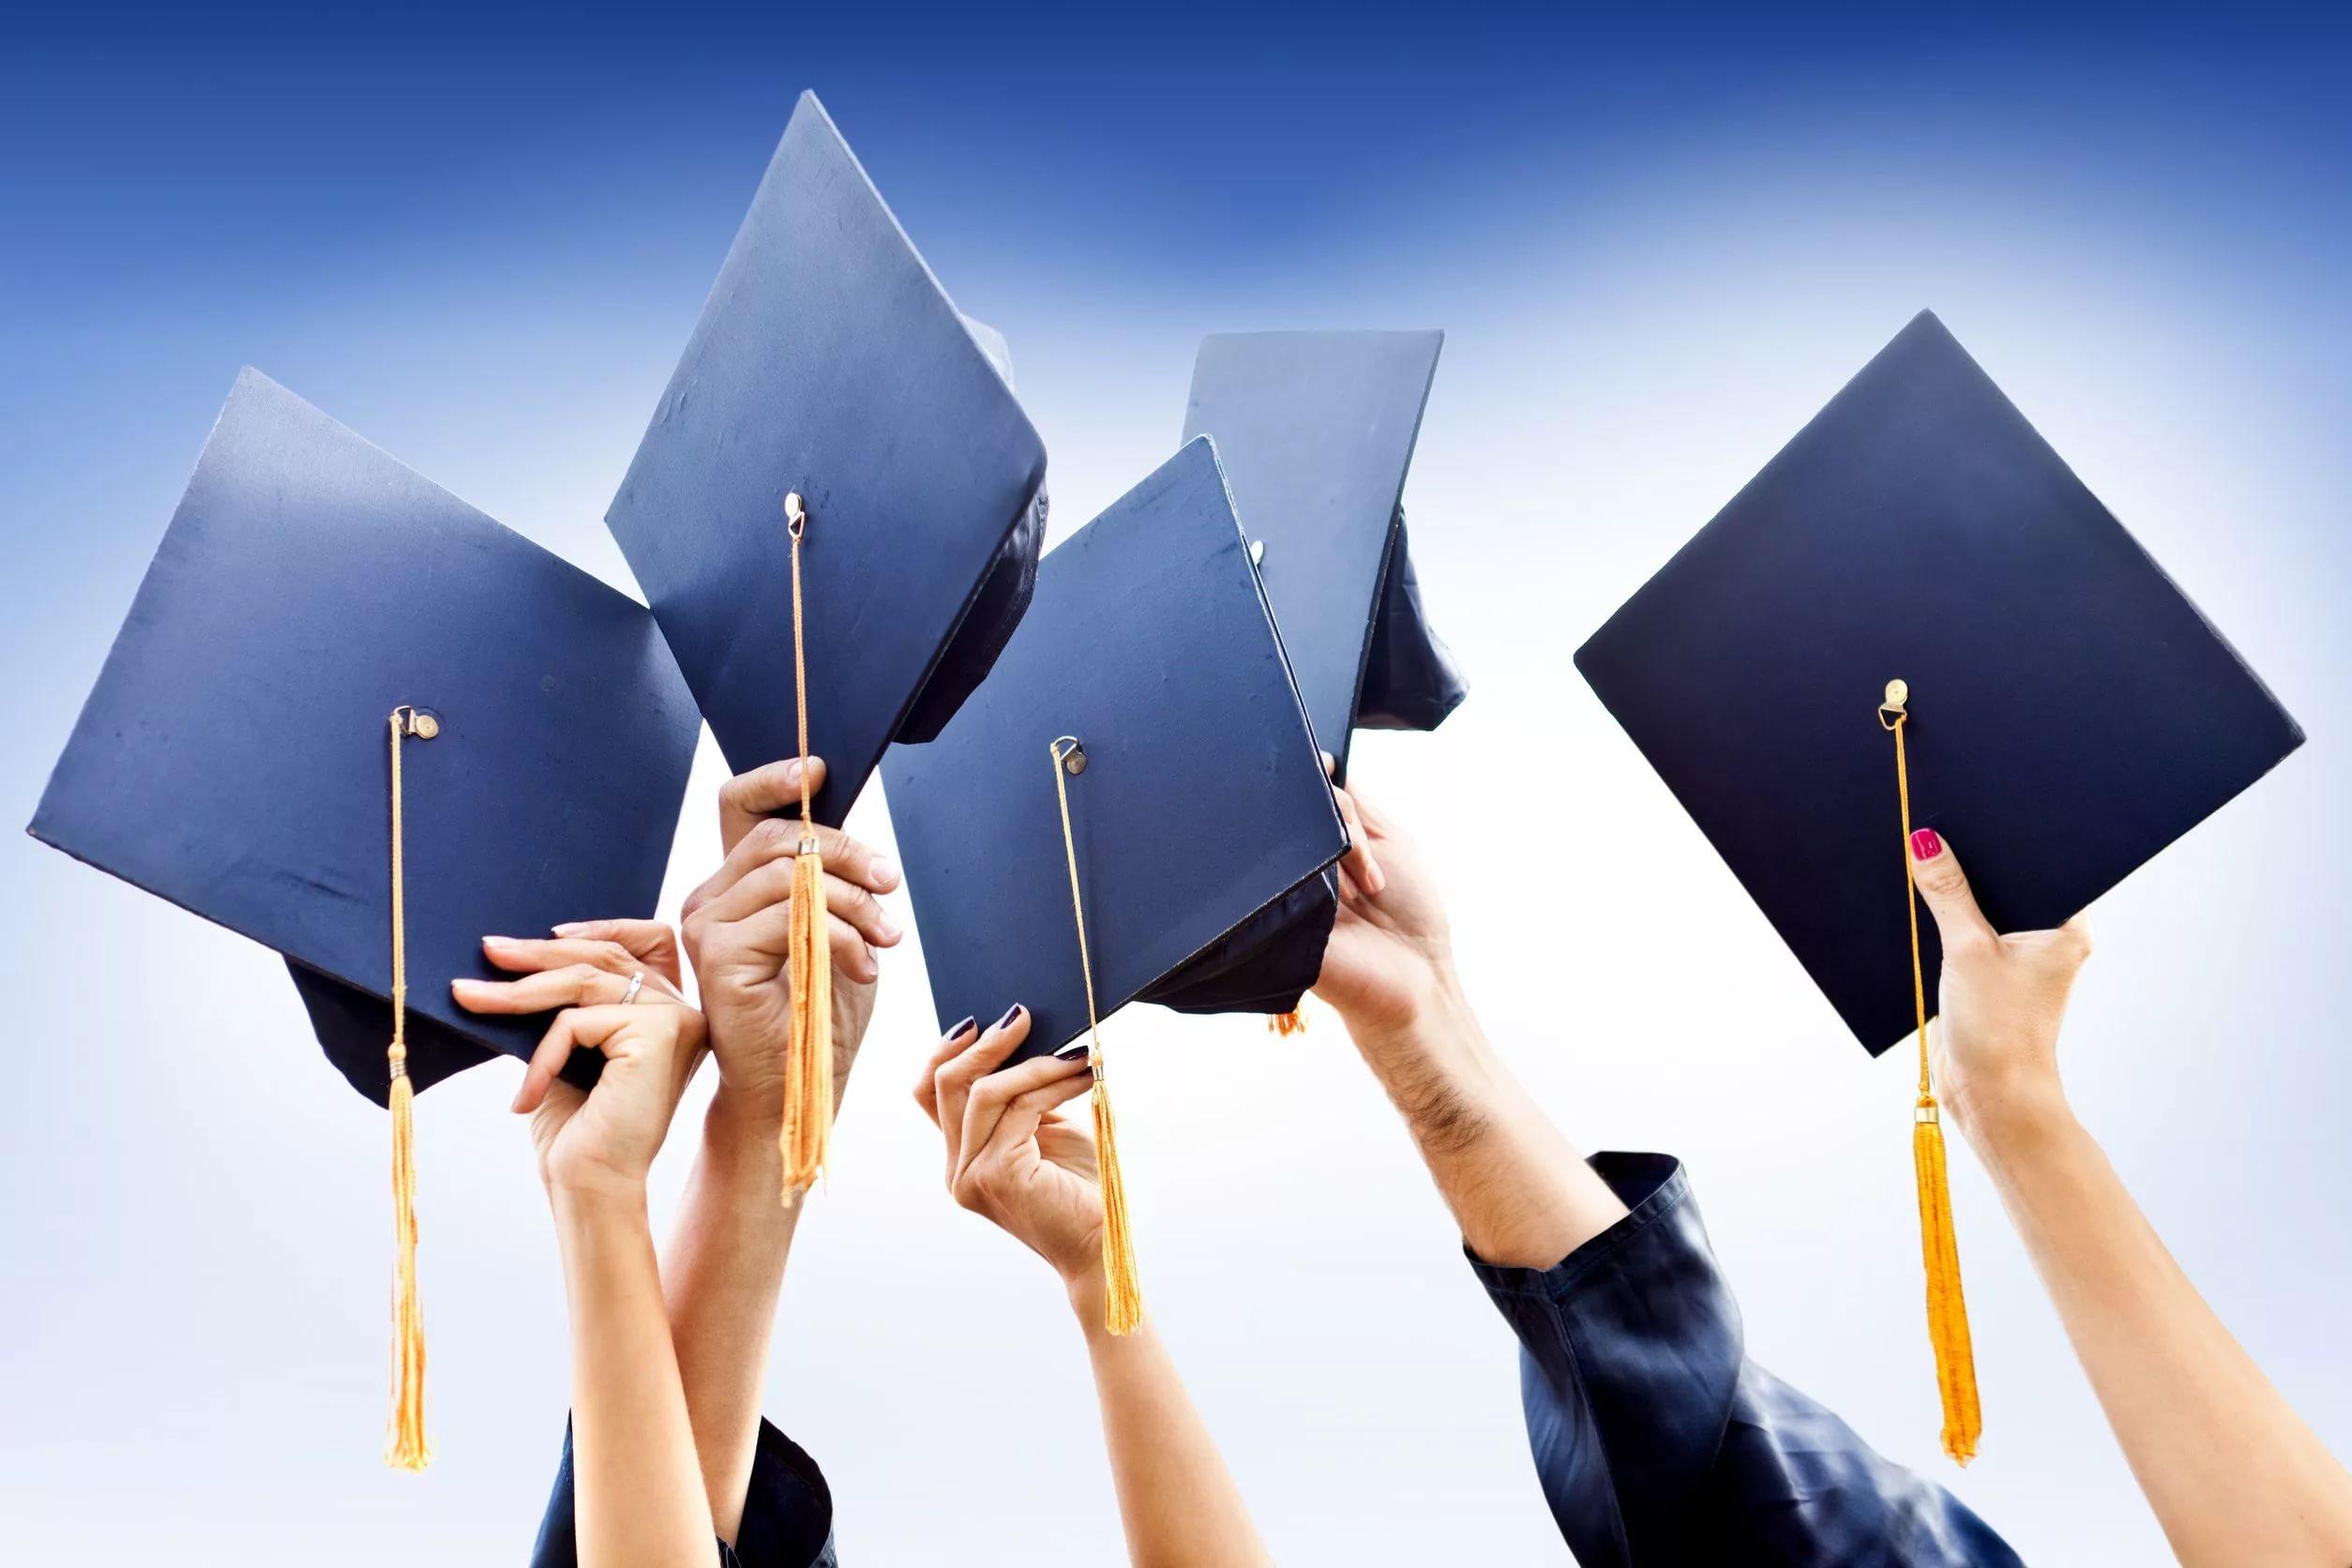 Требования к магистерской диссертации ГОСТ оформления объем  Магистерская диссертация научно исследовательская работа будущего выпускника магистратуры призванная подтвердить его готовность к научной и